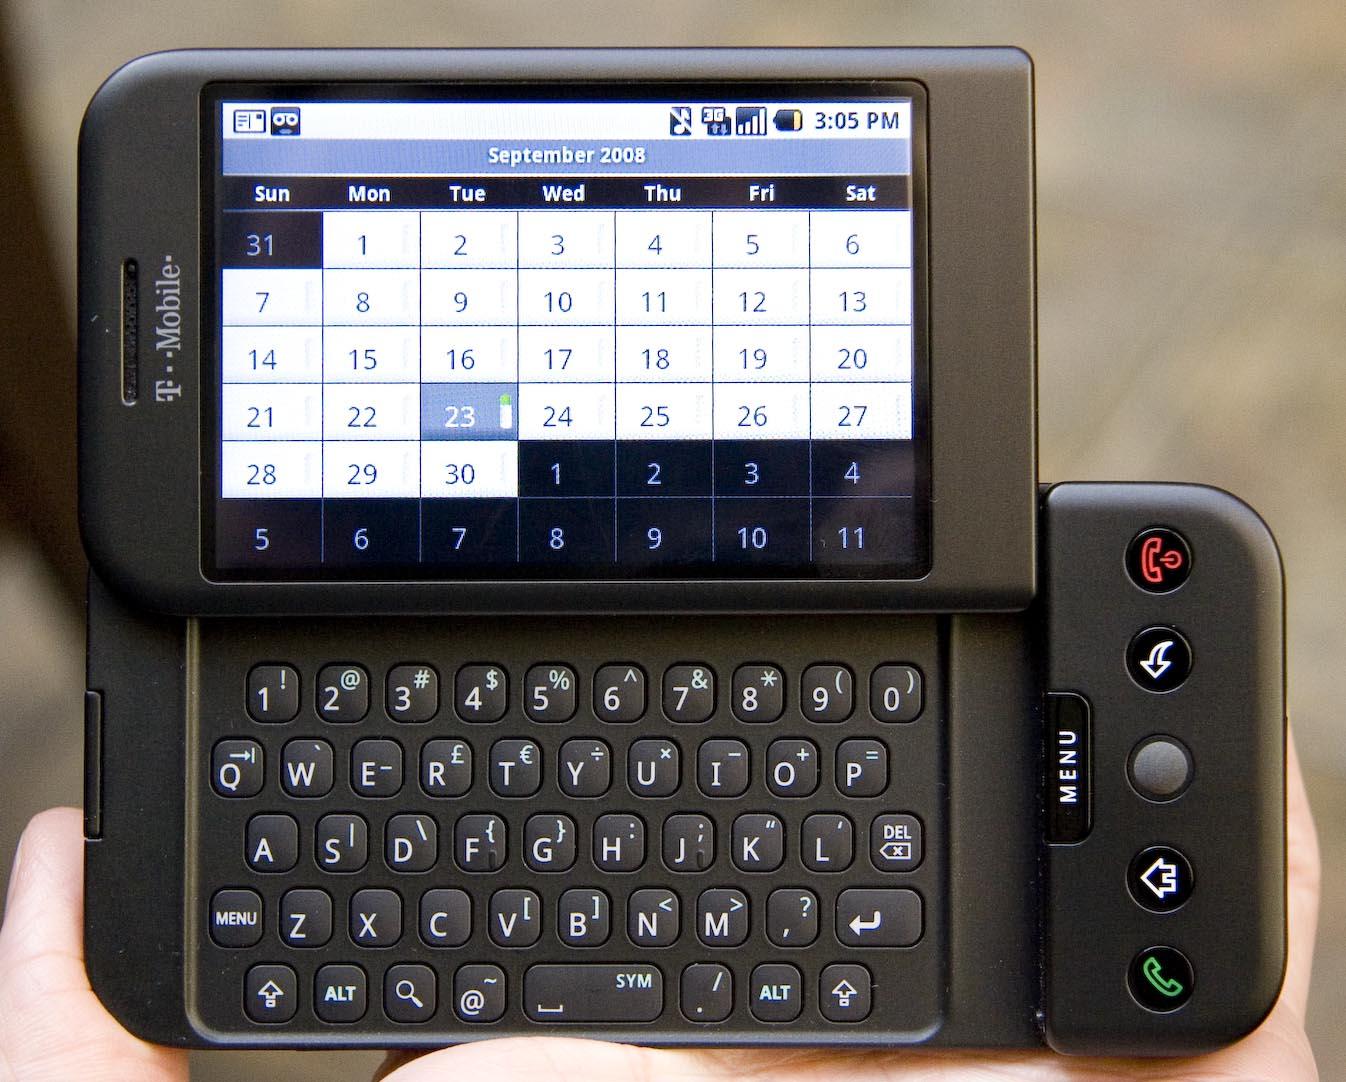 HTC Dream - Wikipedia